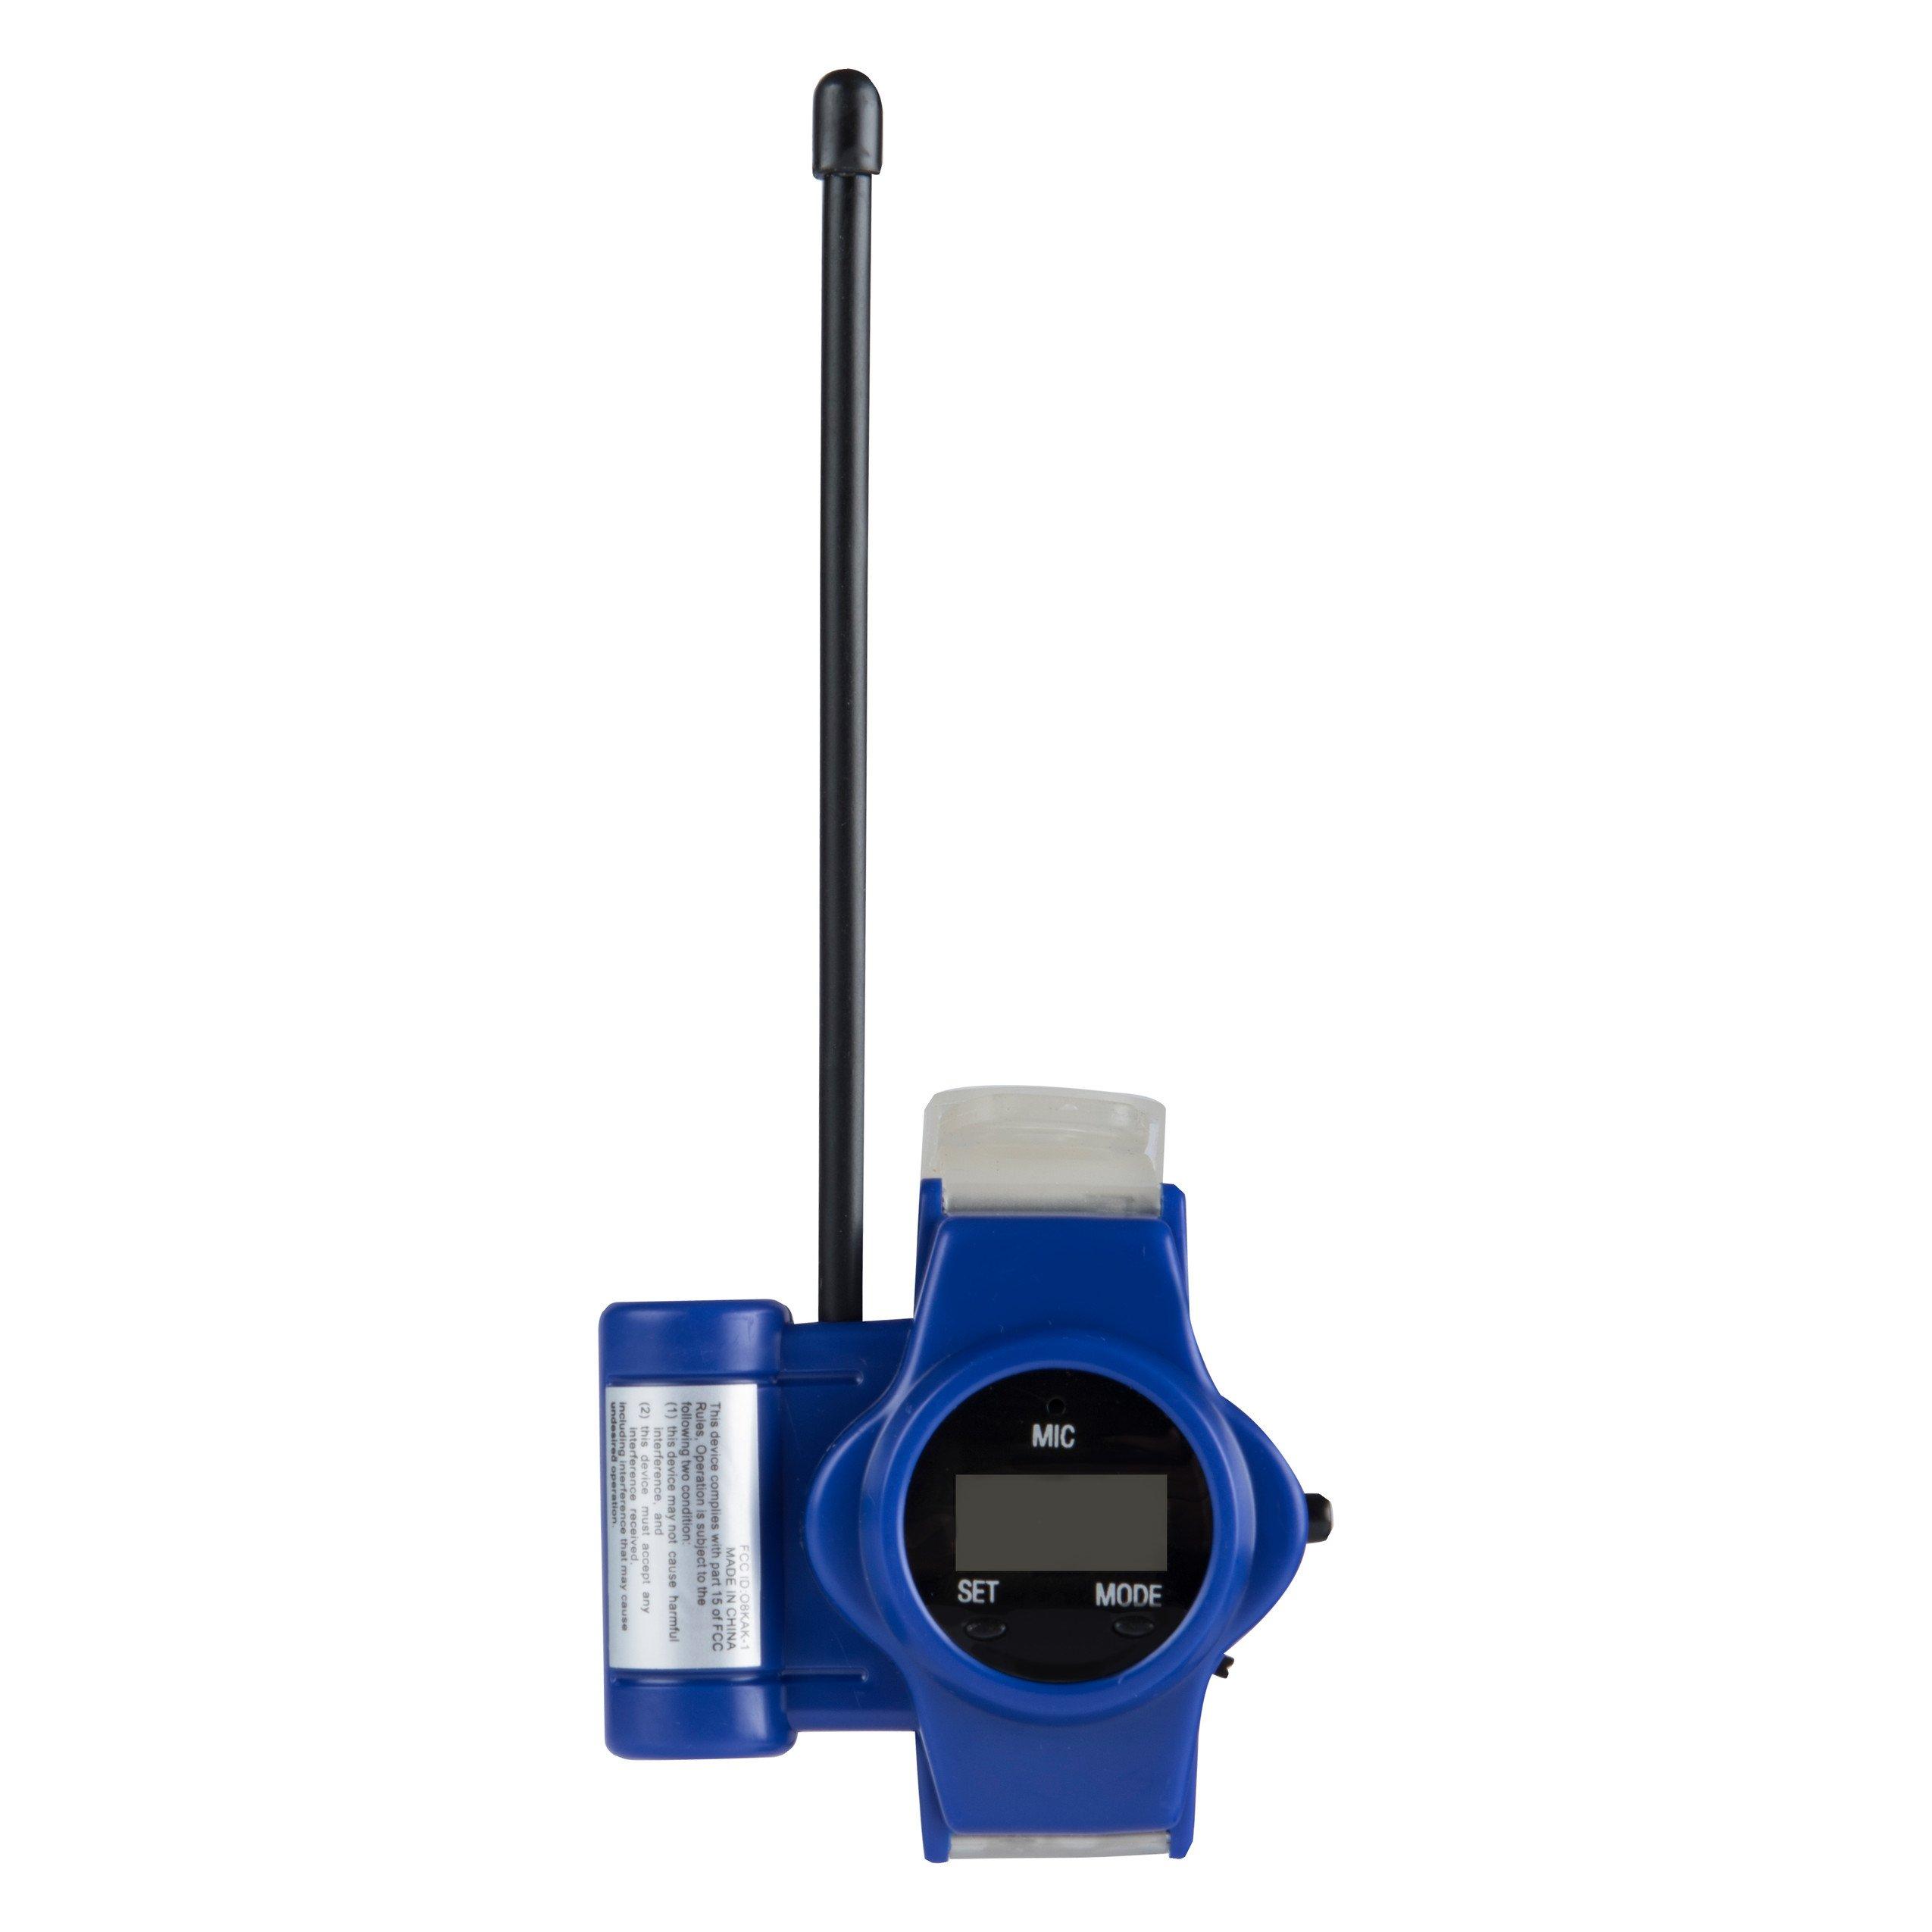 Walkie Talkie 52007 Wrist Watch